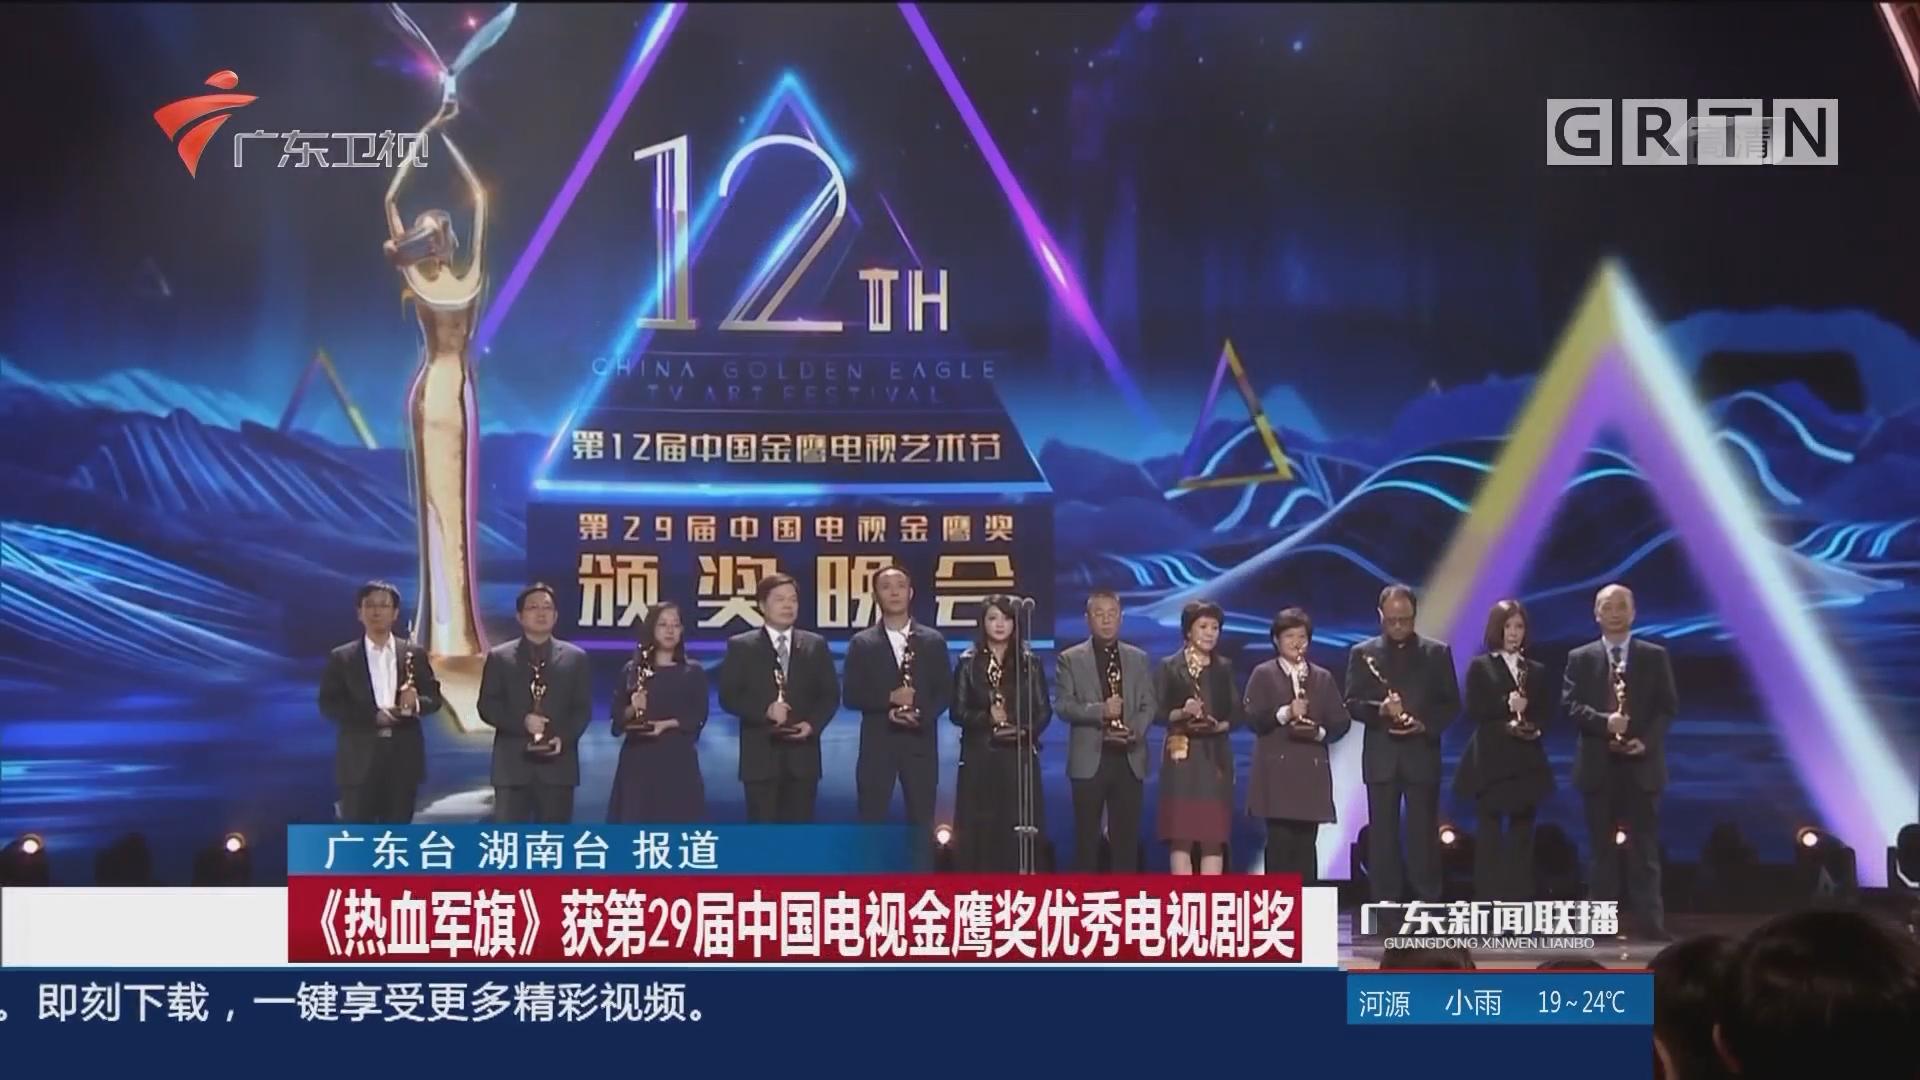 《热血军旗》获第29届中国电视金鹰奖优秀电视剧奖